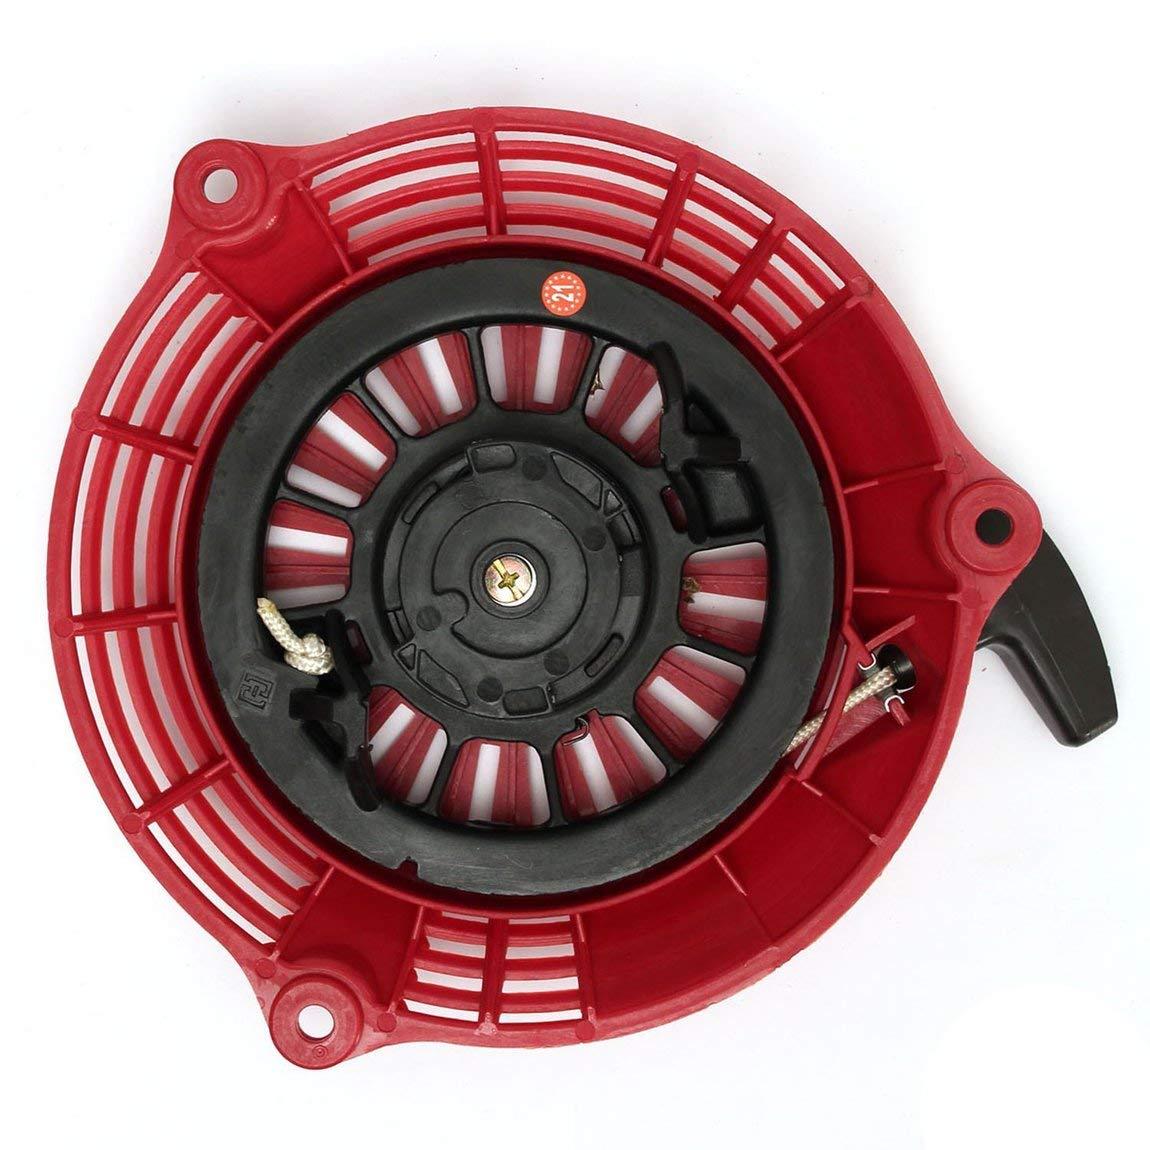 Arrancador de retroceso Pull Start para Honda GCV135 GC216 EN2000 ...